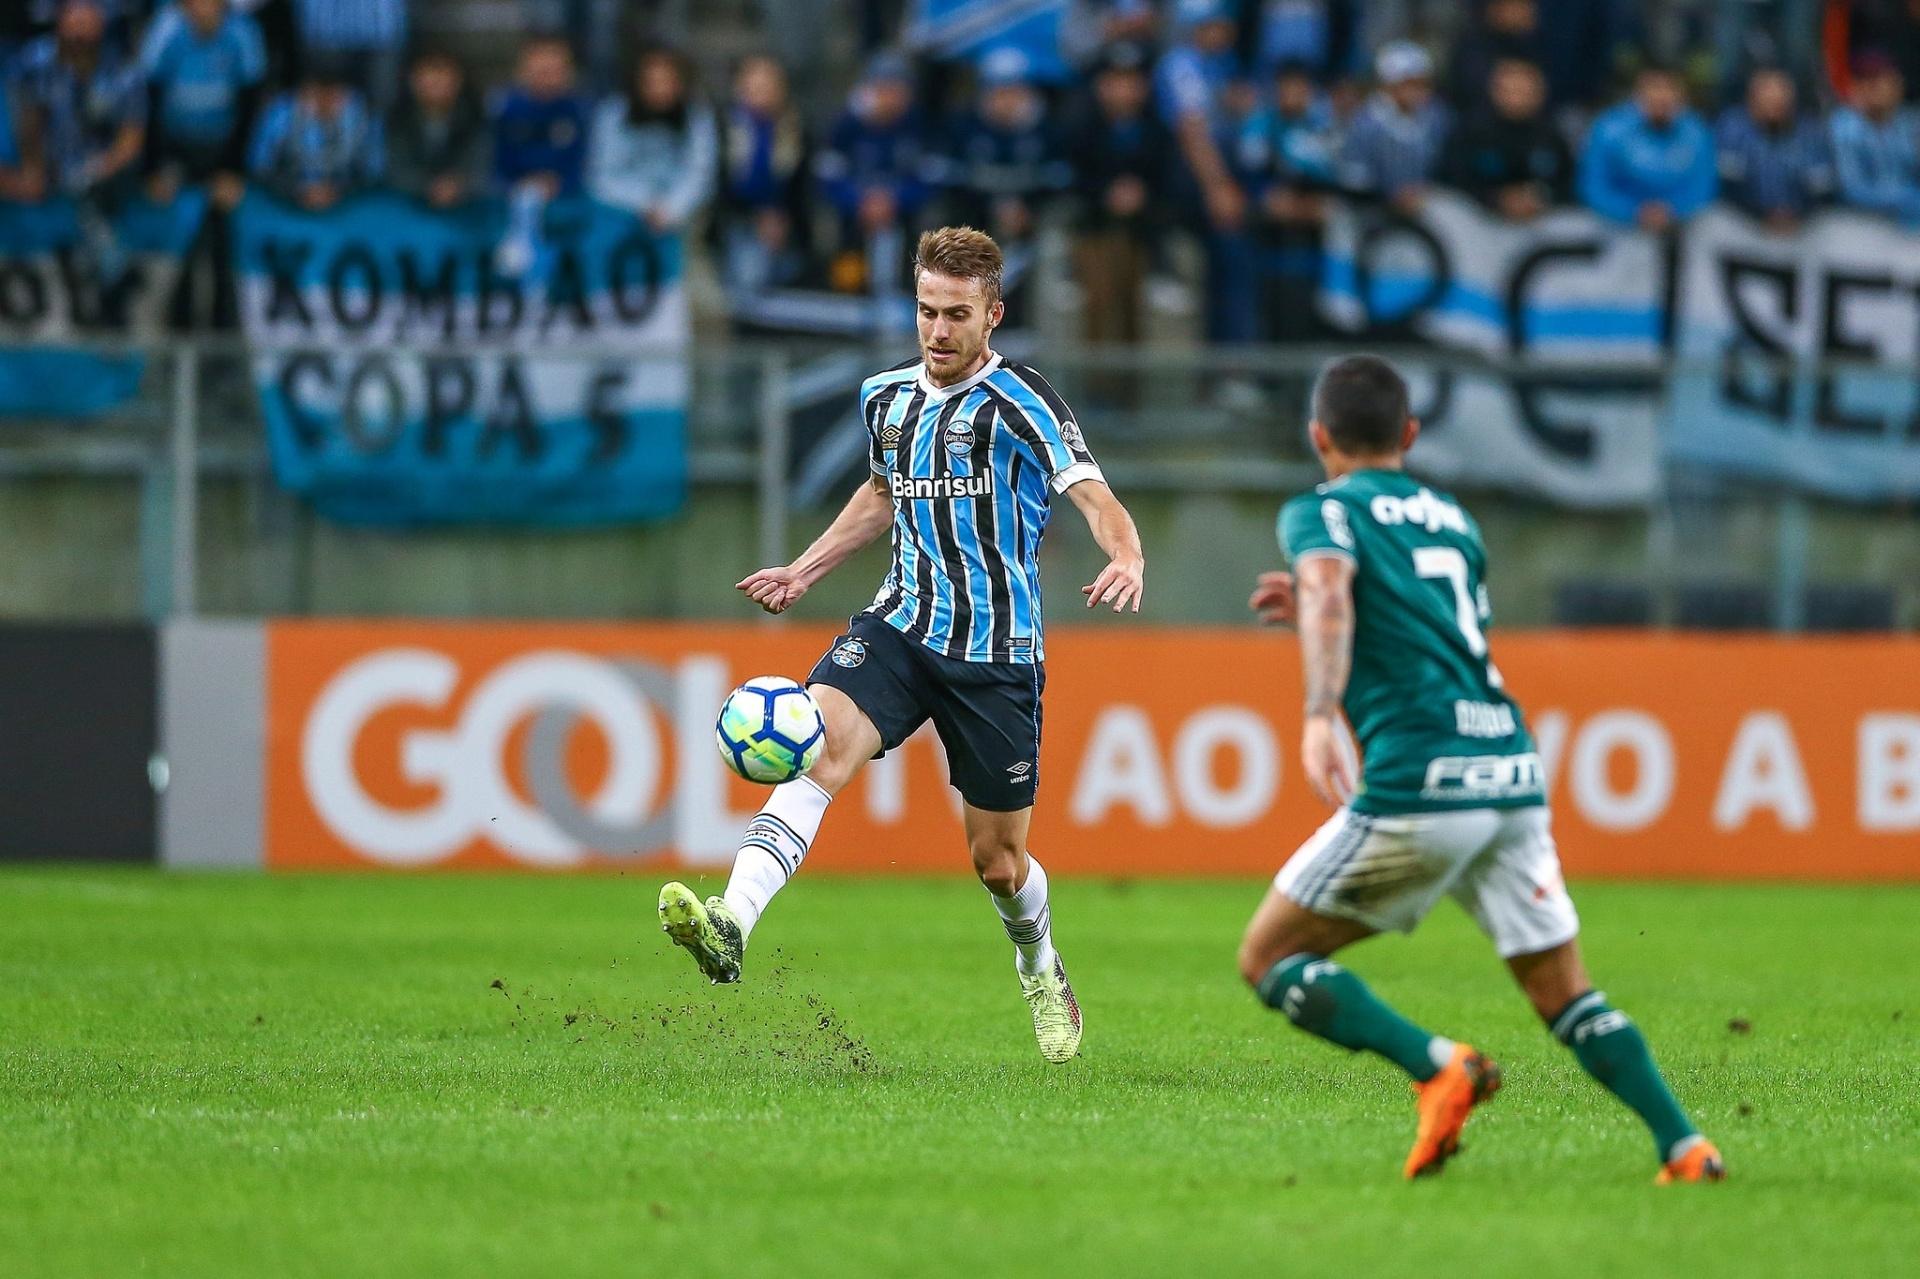 Grêmio tenta dar troco no Palmeiras em novo reencontro com ex-técnico -  13 10 2018 - UOL Esporte 32b7ca3839c60